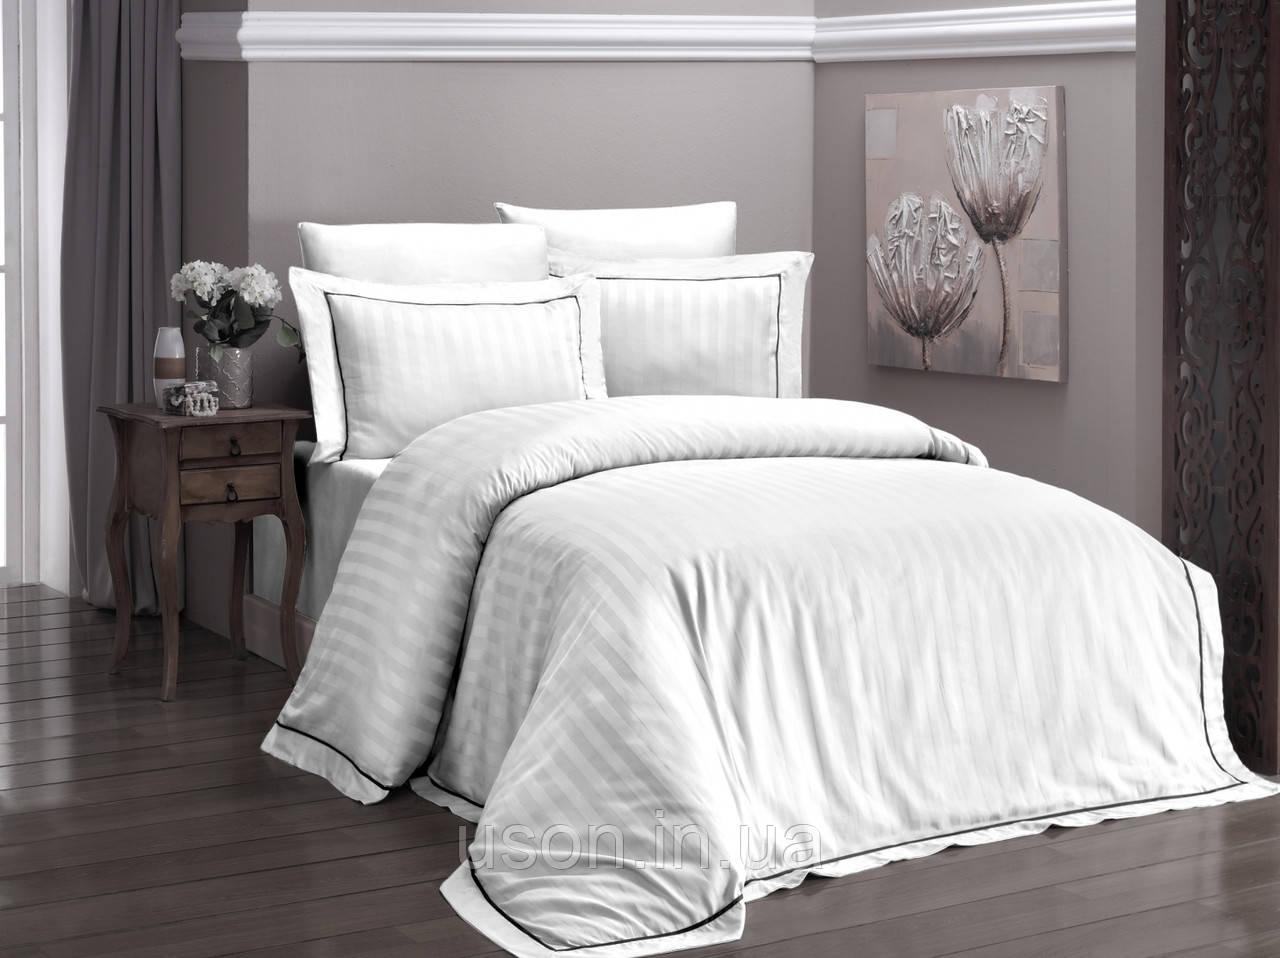 Комплект постельного белья сатин delux First Choice евро размер Novel Line Beyaz